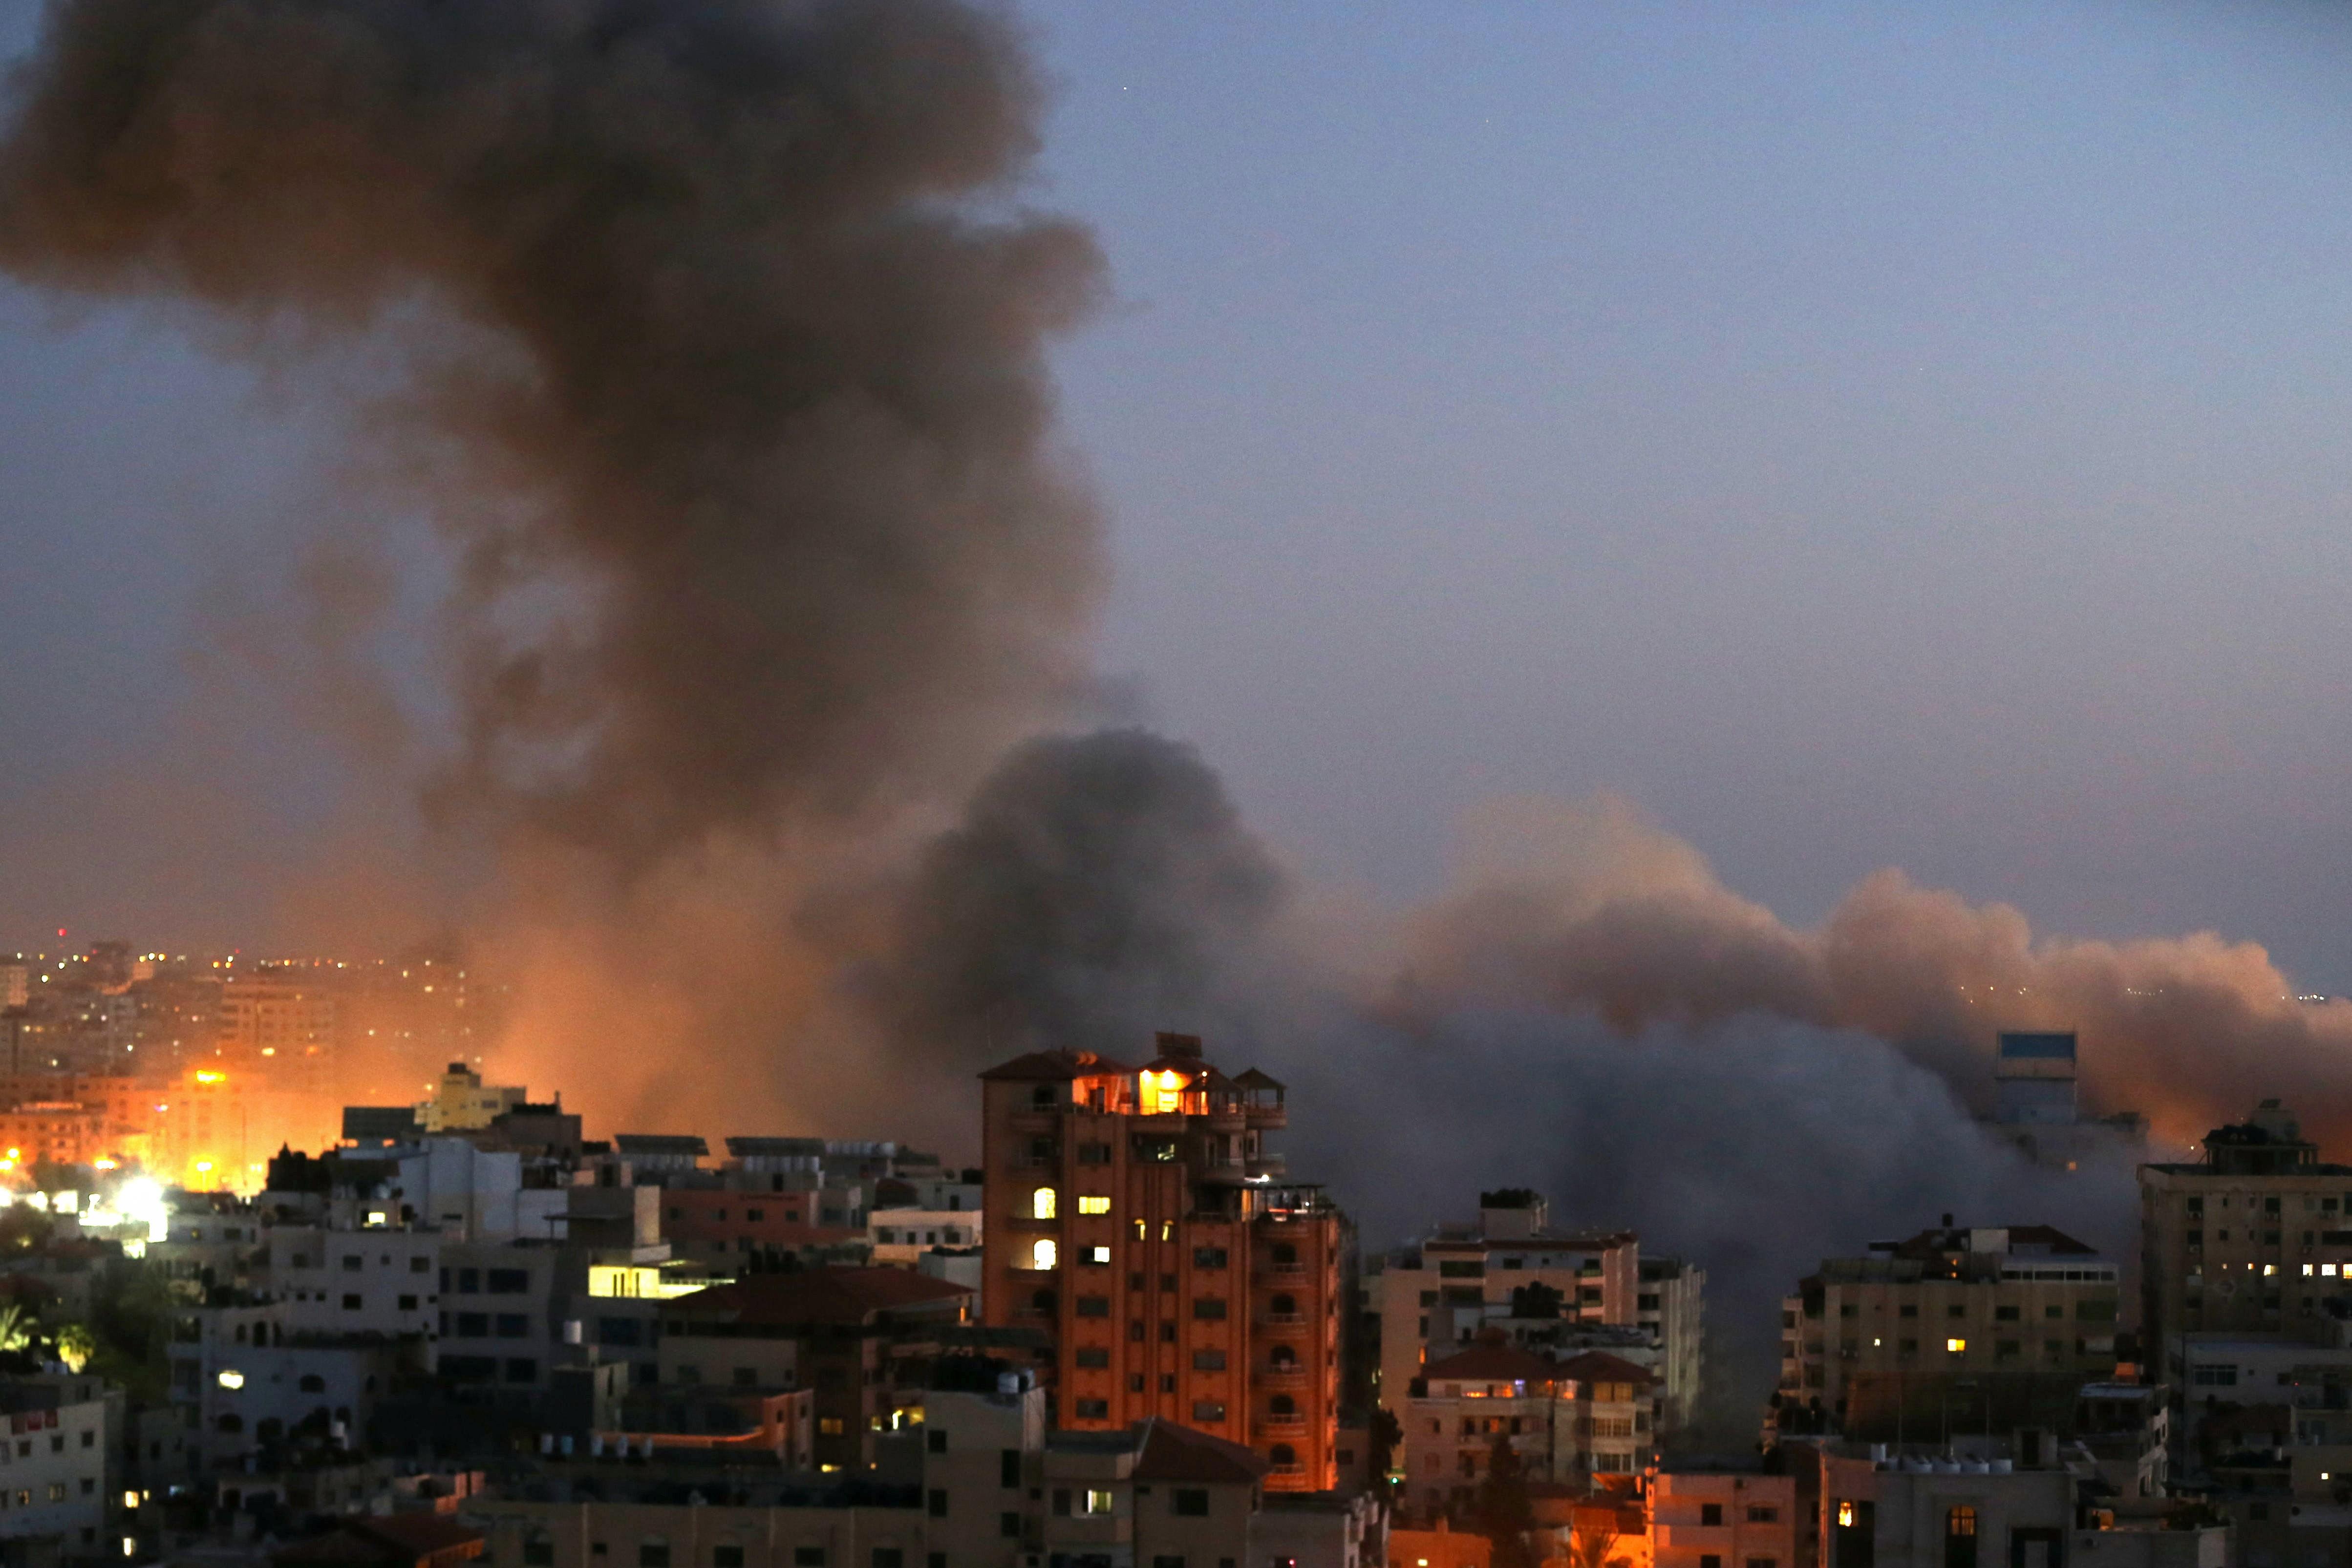 Palestinos acusam Israel de atacar e destruir prédio residencial de 13 andares na Faixa de Gaza